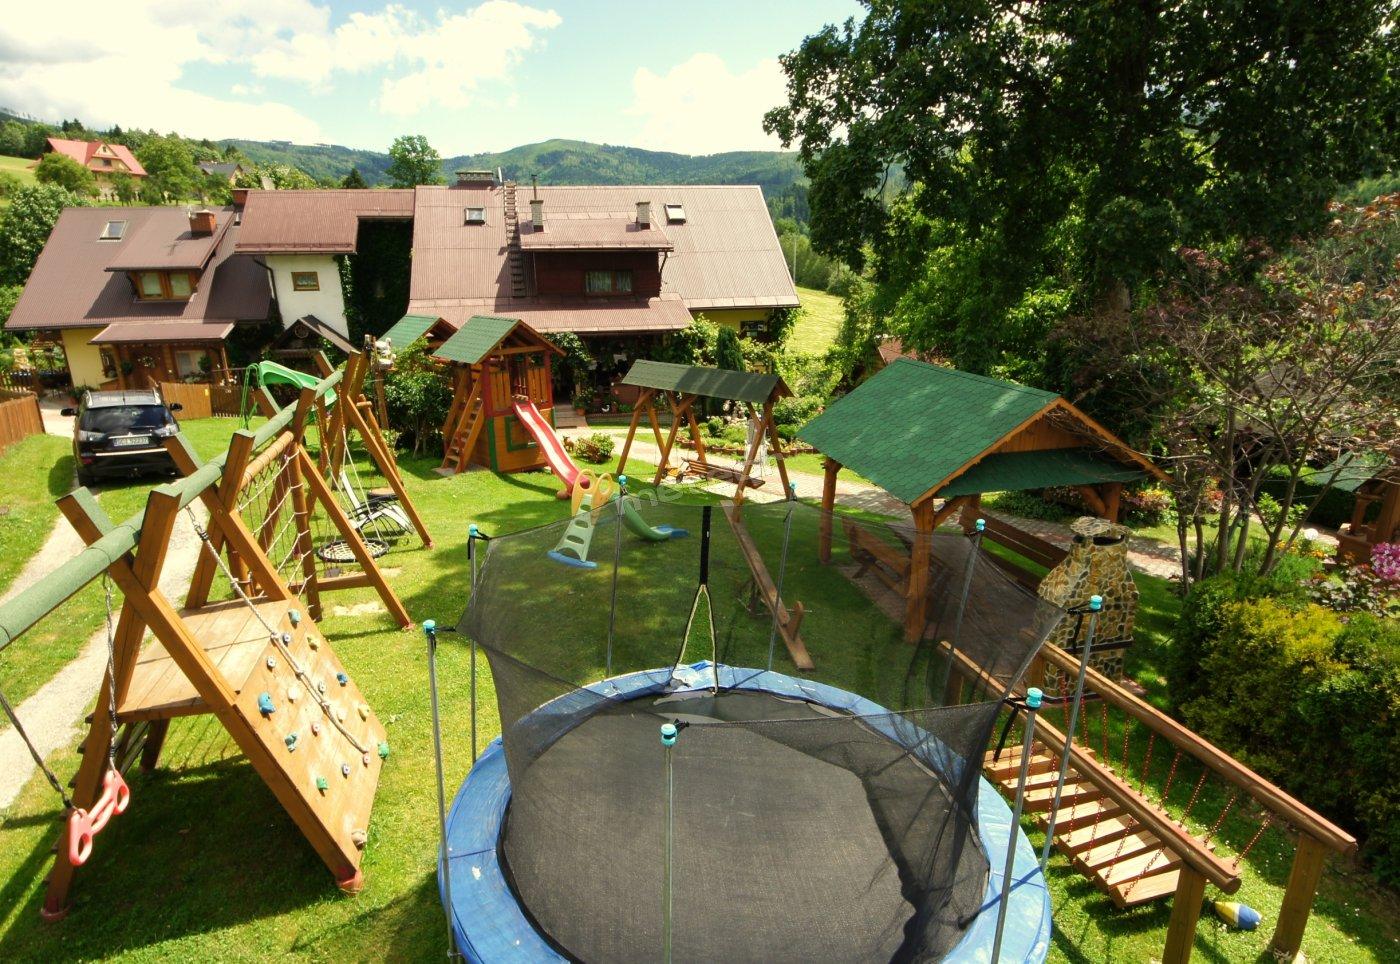 Ogród z atrakcjami dla dzieci i dorosłych